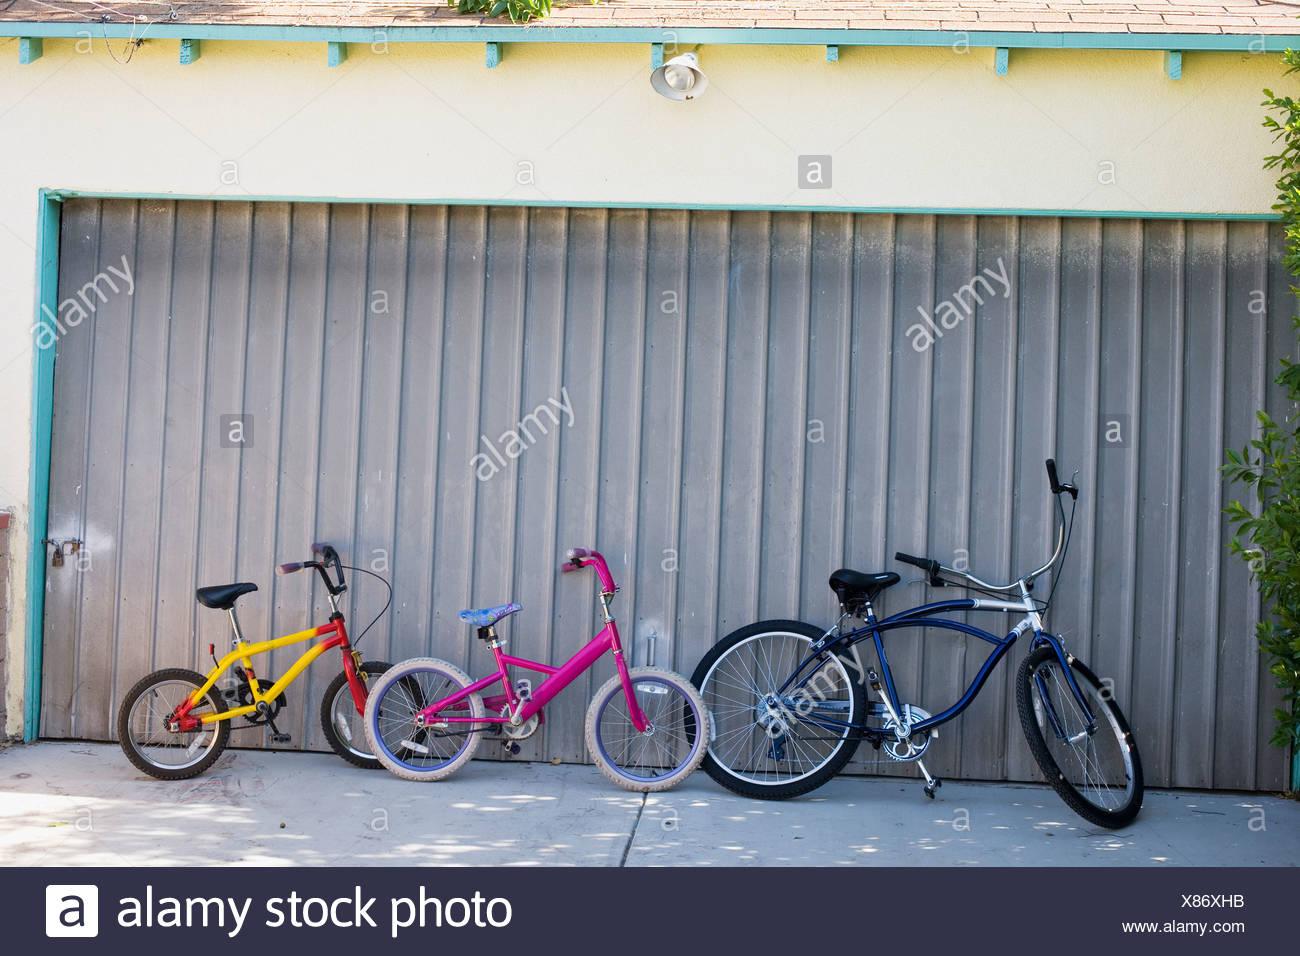 Garage Driveway Stockfotos & Garage Driveway Bilder - Alamy